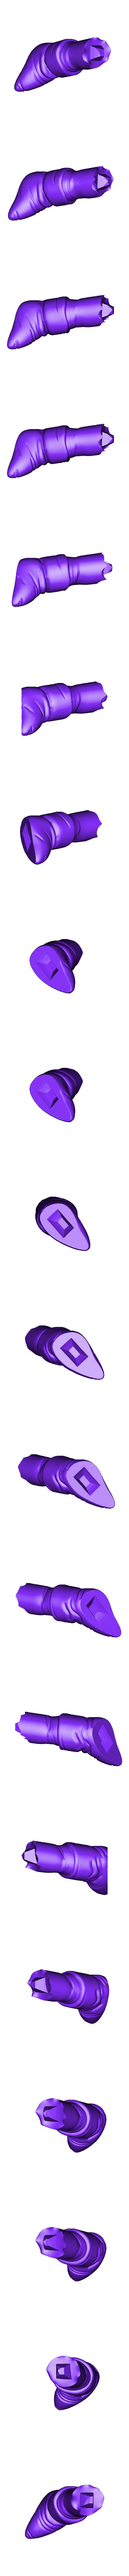 Fat_Buu_-_Right_Foot.stl Télécharger fichier STL gratuit Fat Buu - Dragon Ball • Plan imprimable en 3D, BODY3D